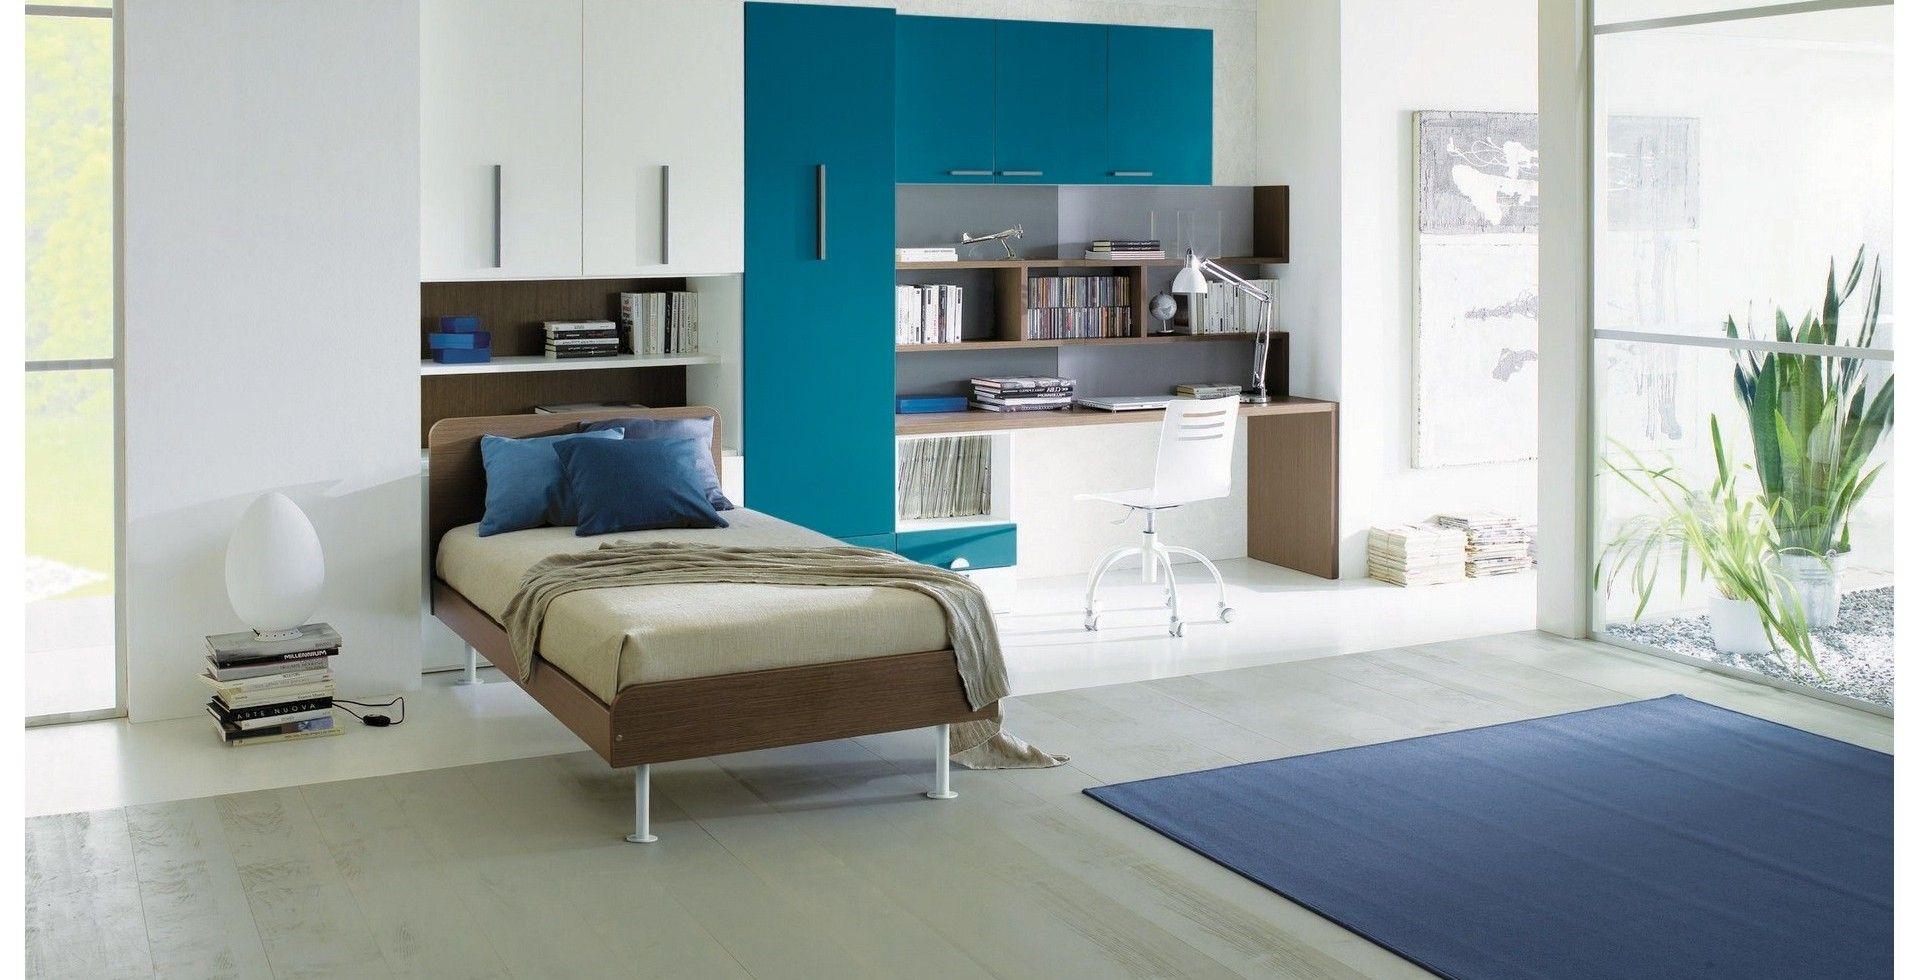 Camerette Dielle ~ Cameretta k06b camerette dielle teenagers bedrooms pinterest